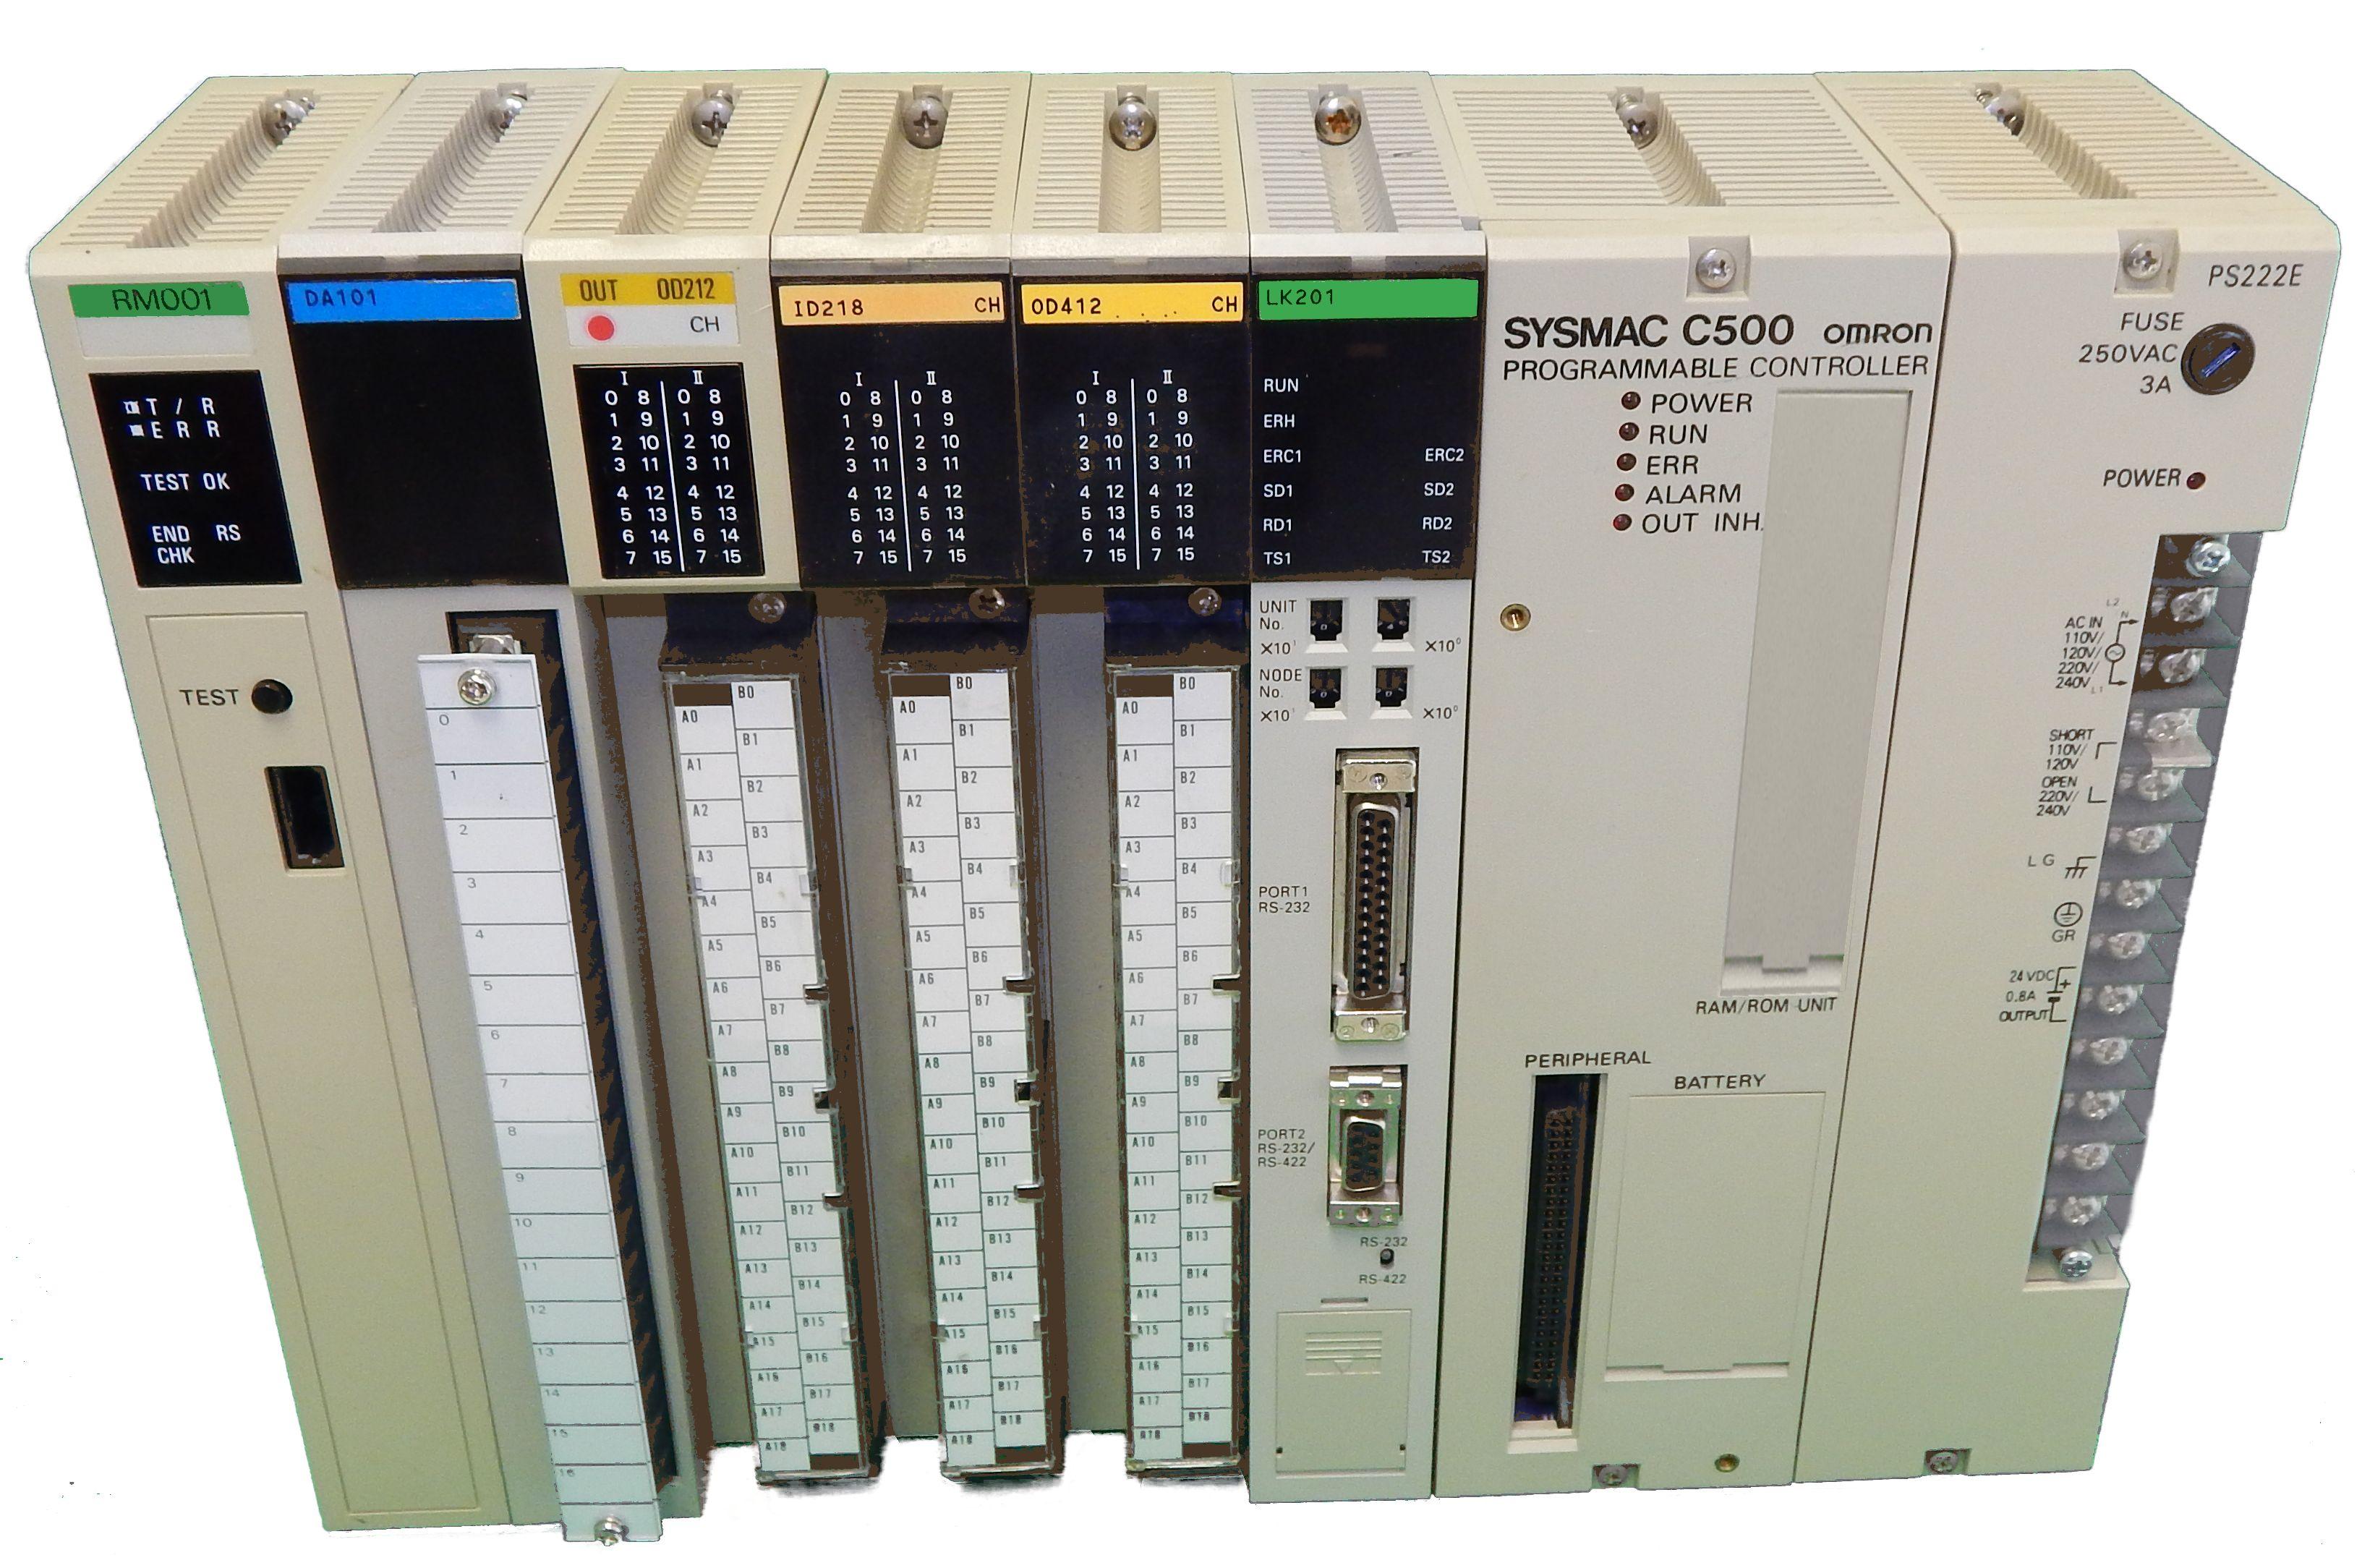 3G2A5-OD212